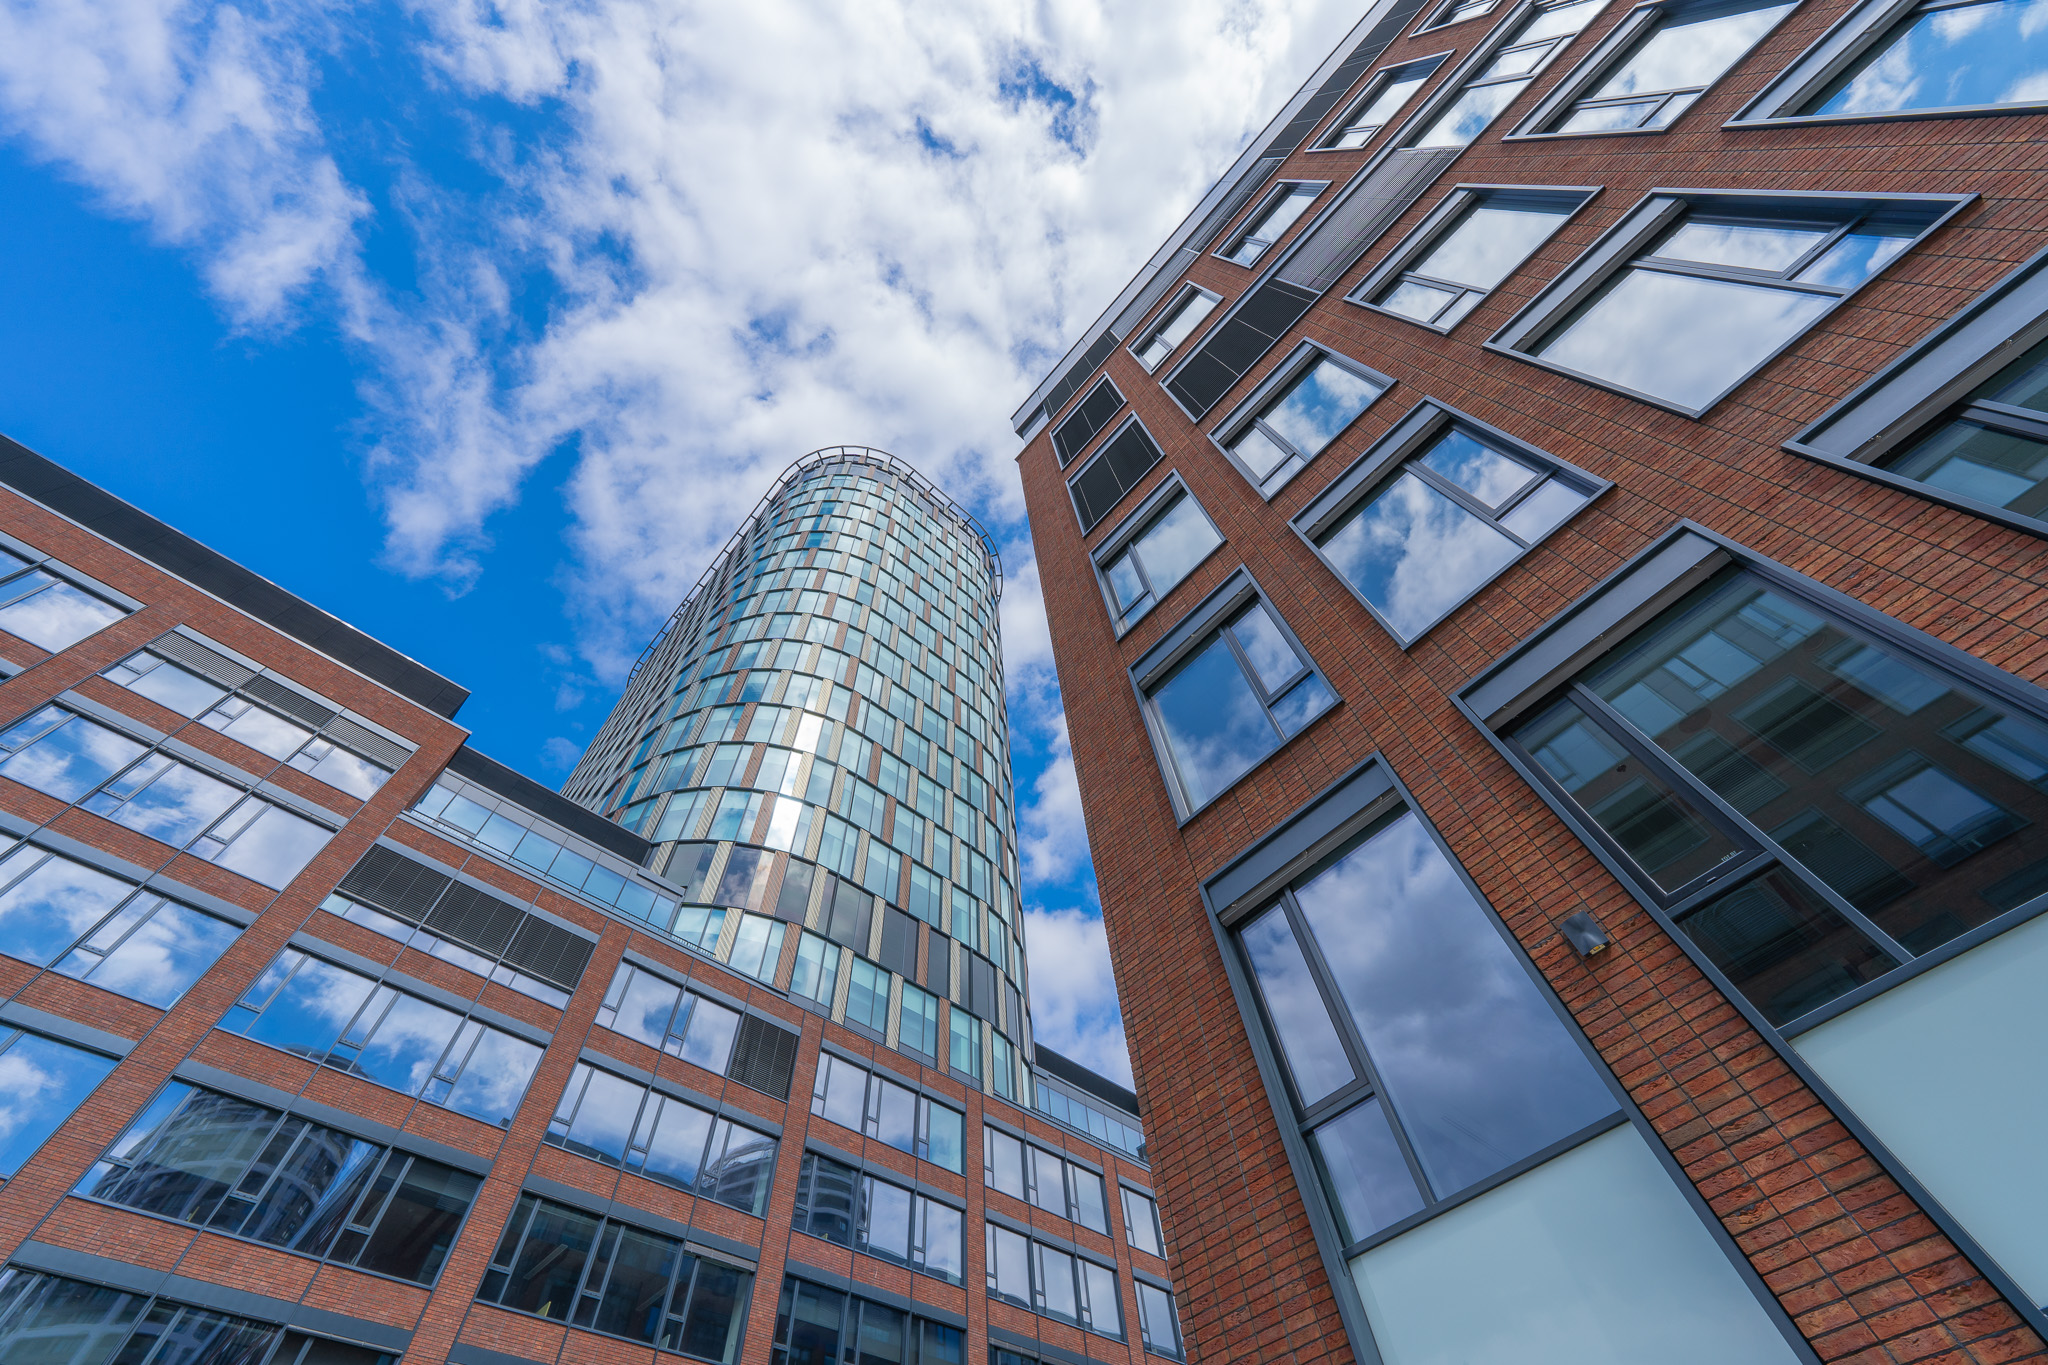 Fotografie moderní architektury